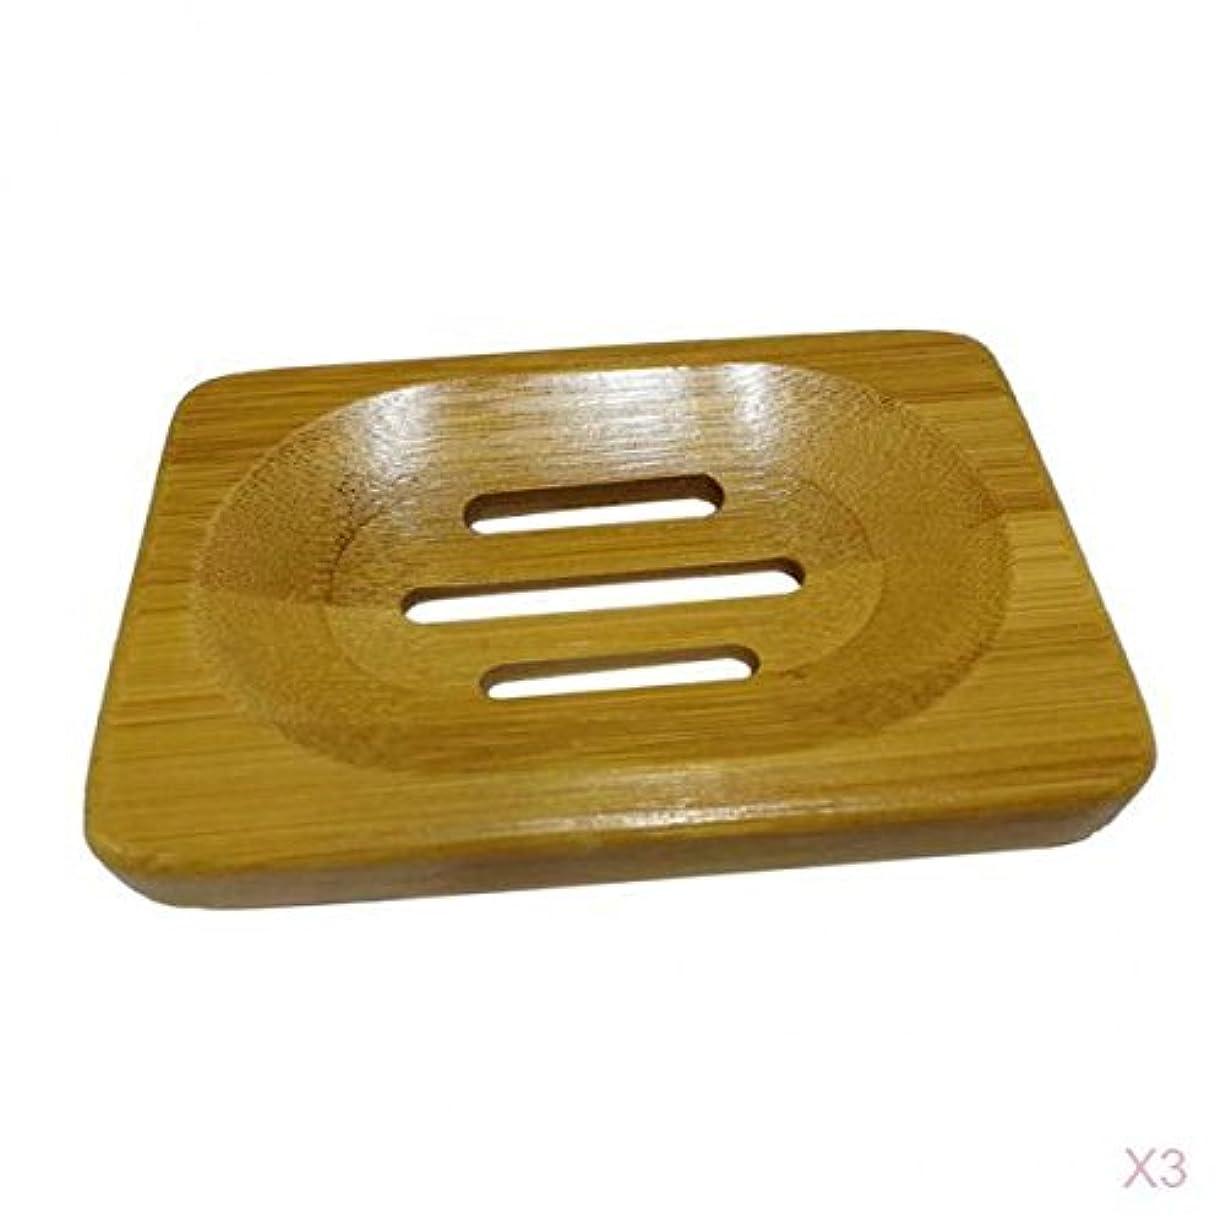 果てしない商品間接的Homyl 3個 木製 石鹸 ケース ホルダー